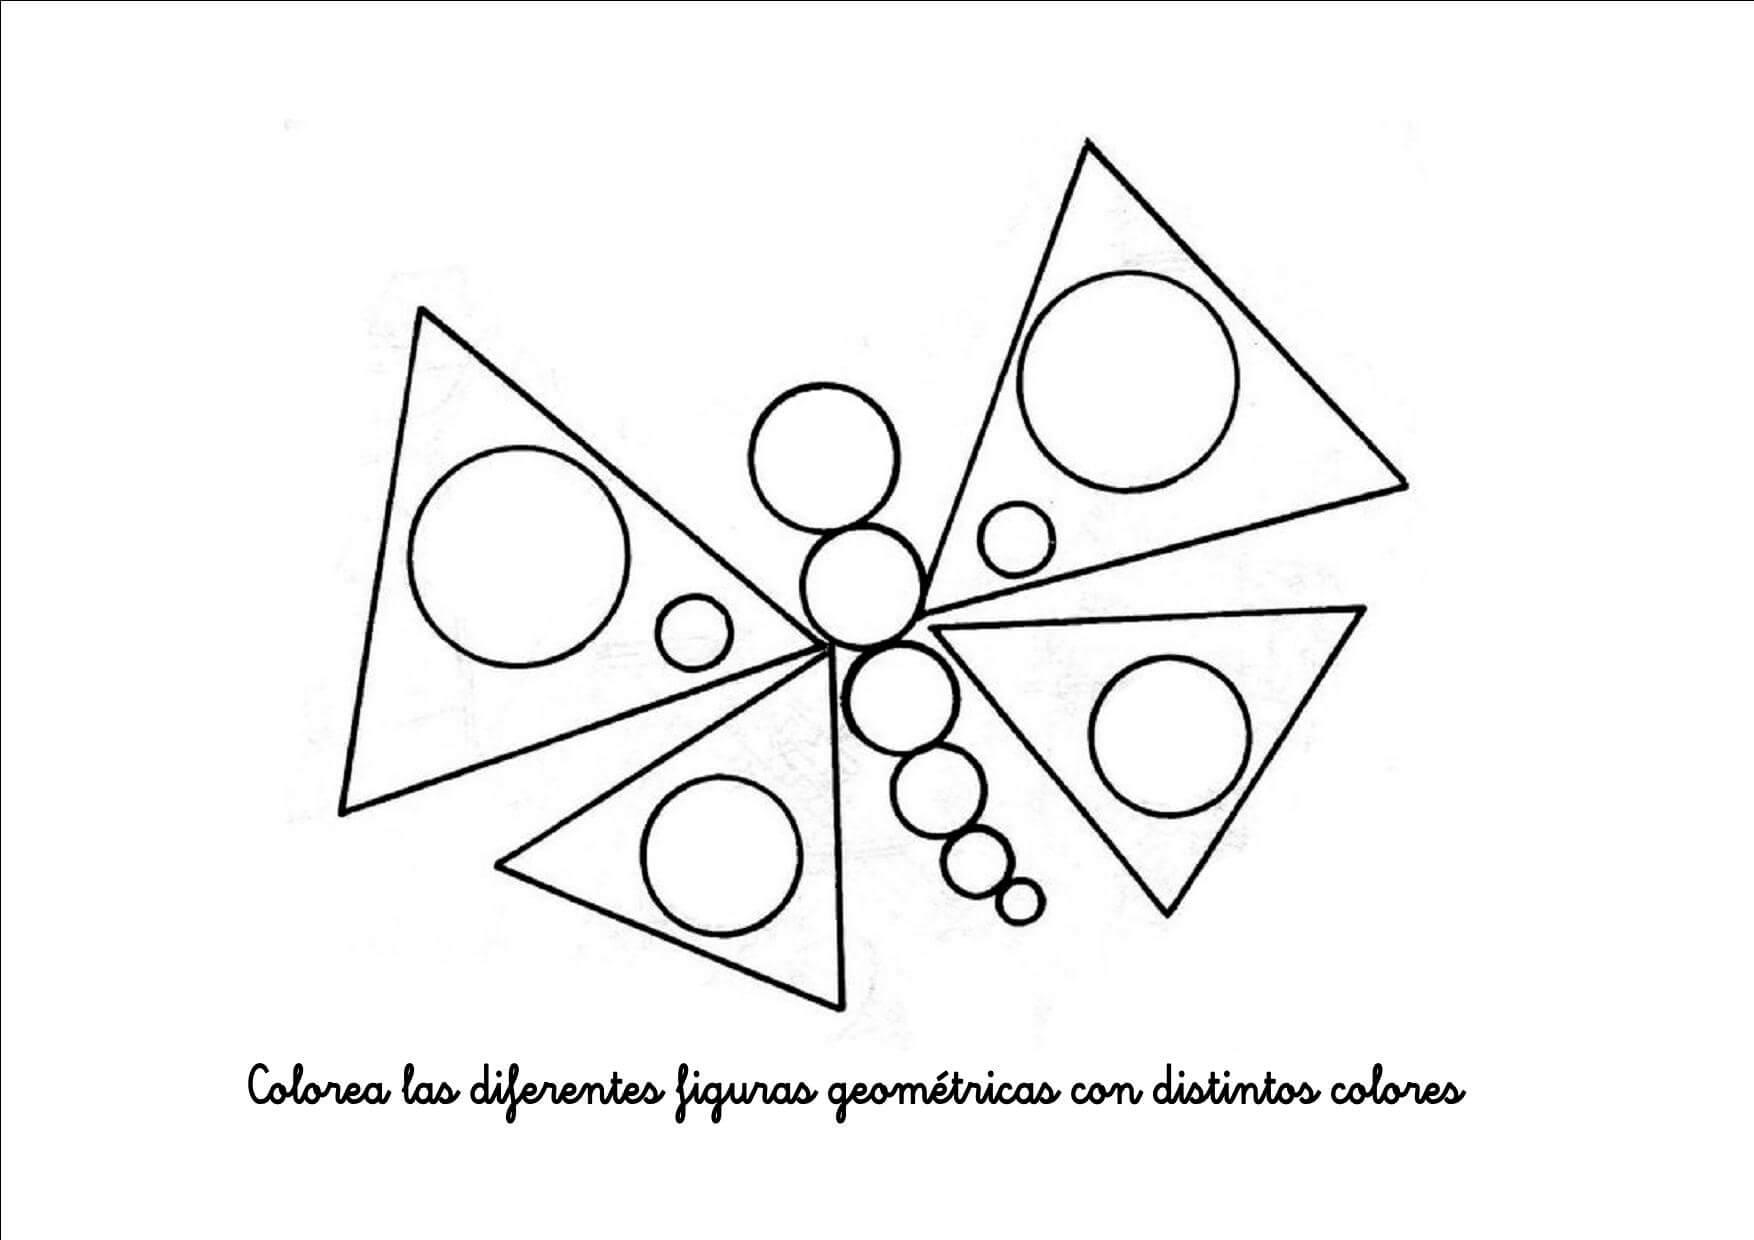 Historias De Las Figuras Geométricas El Triángulo